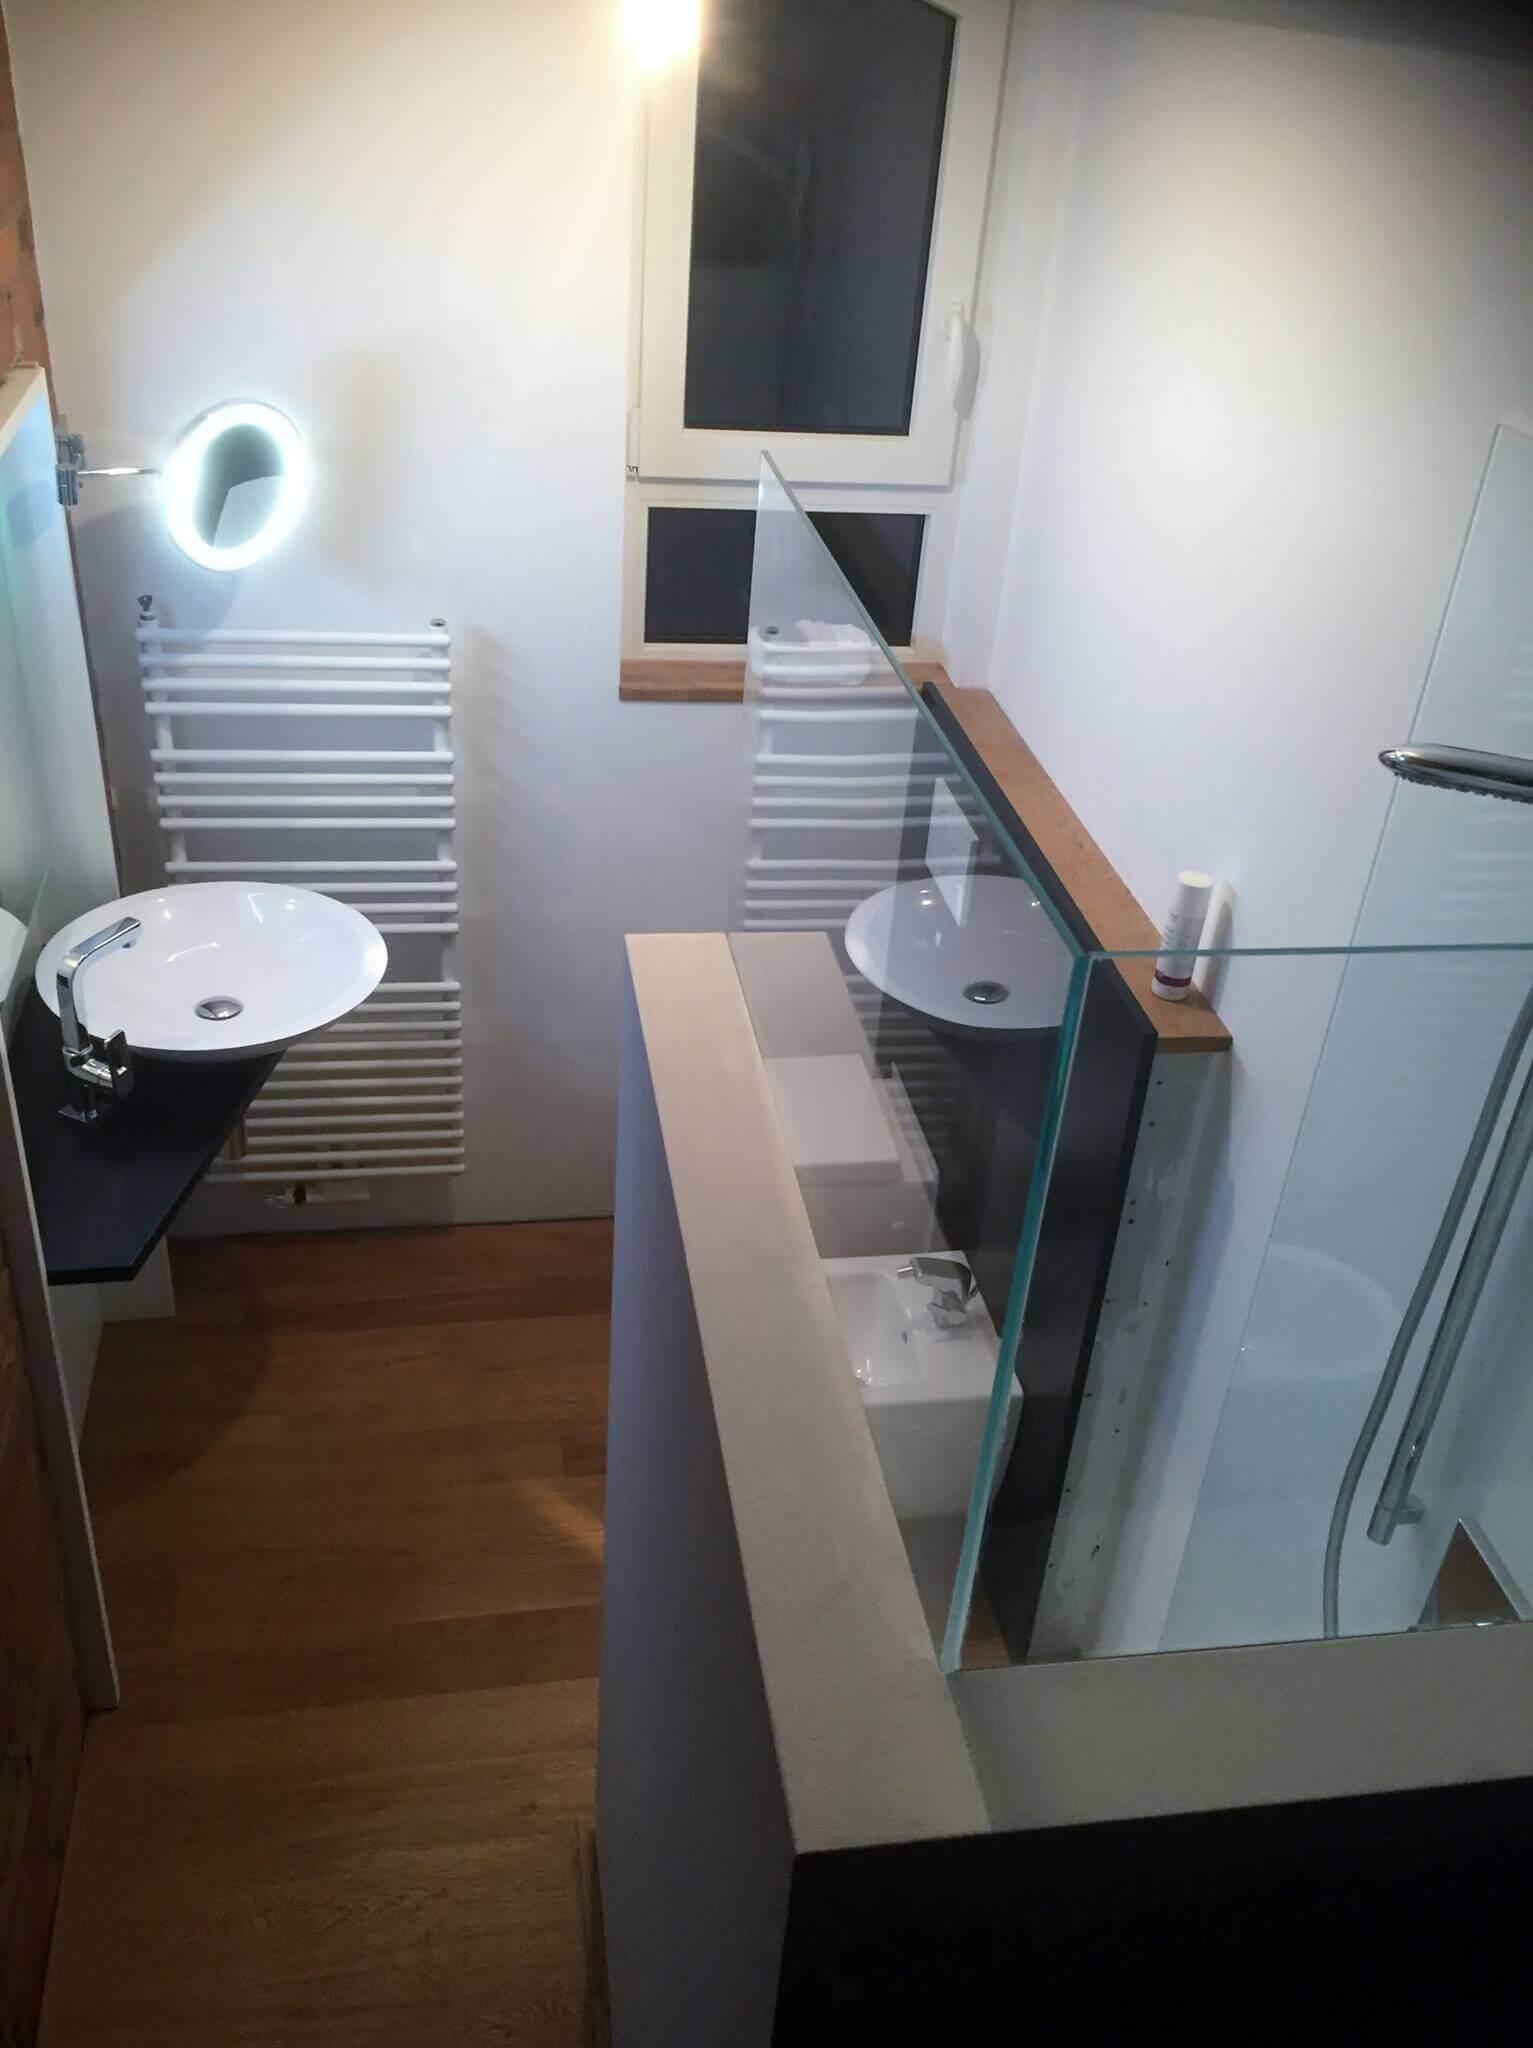 k che glaswand statt fliesen k che glaswand statt fliesen. Black Bedroom Furniture Sets. Home Design Ideas